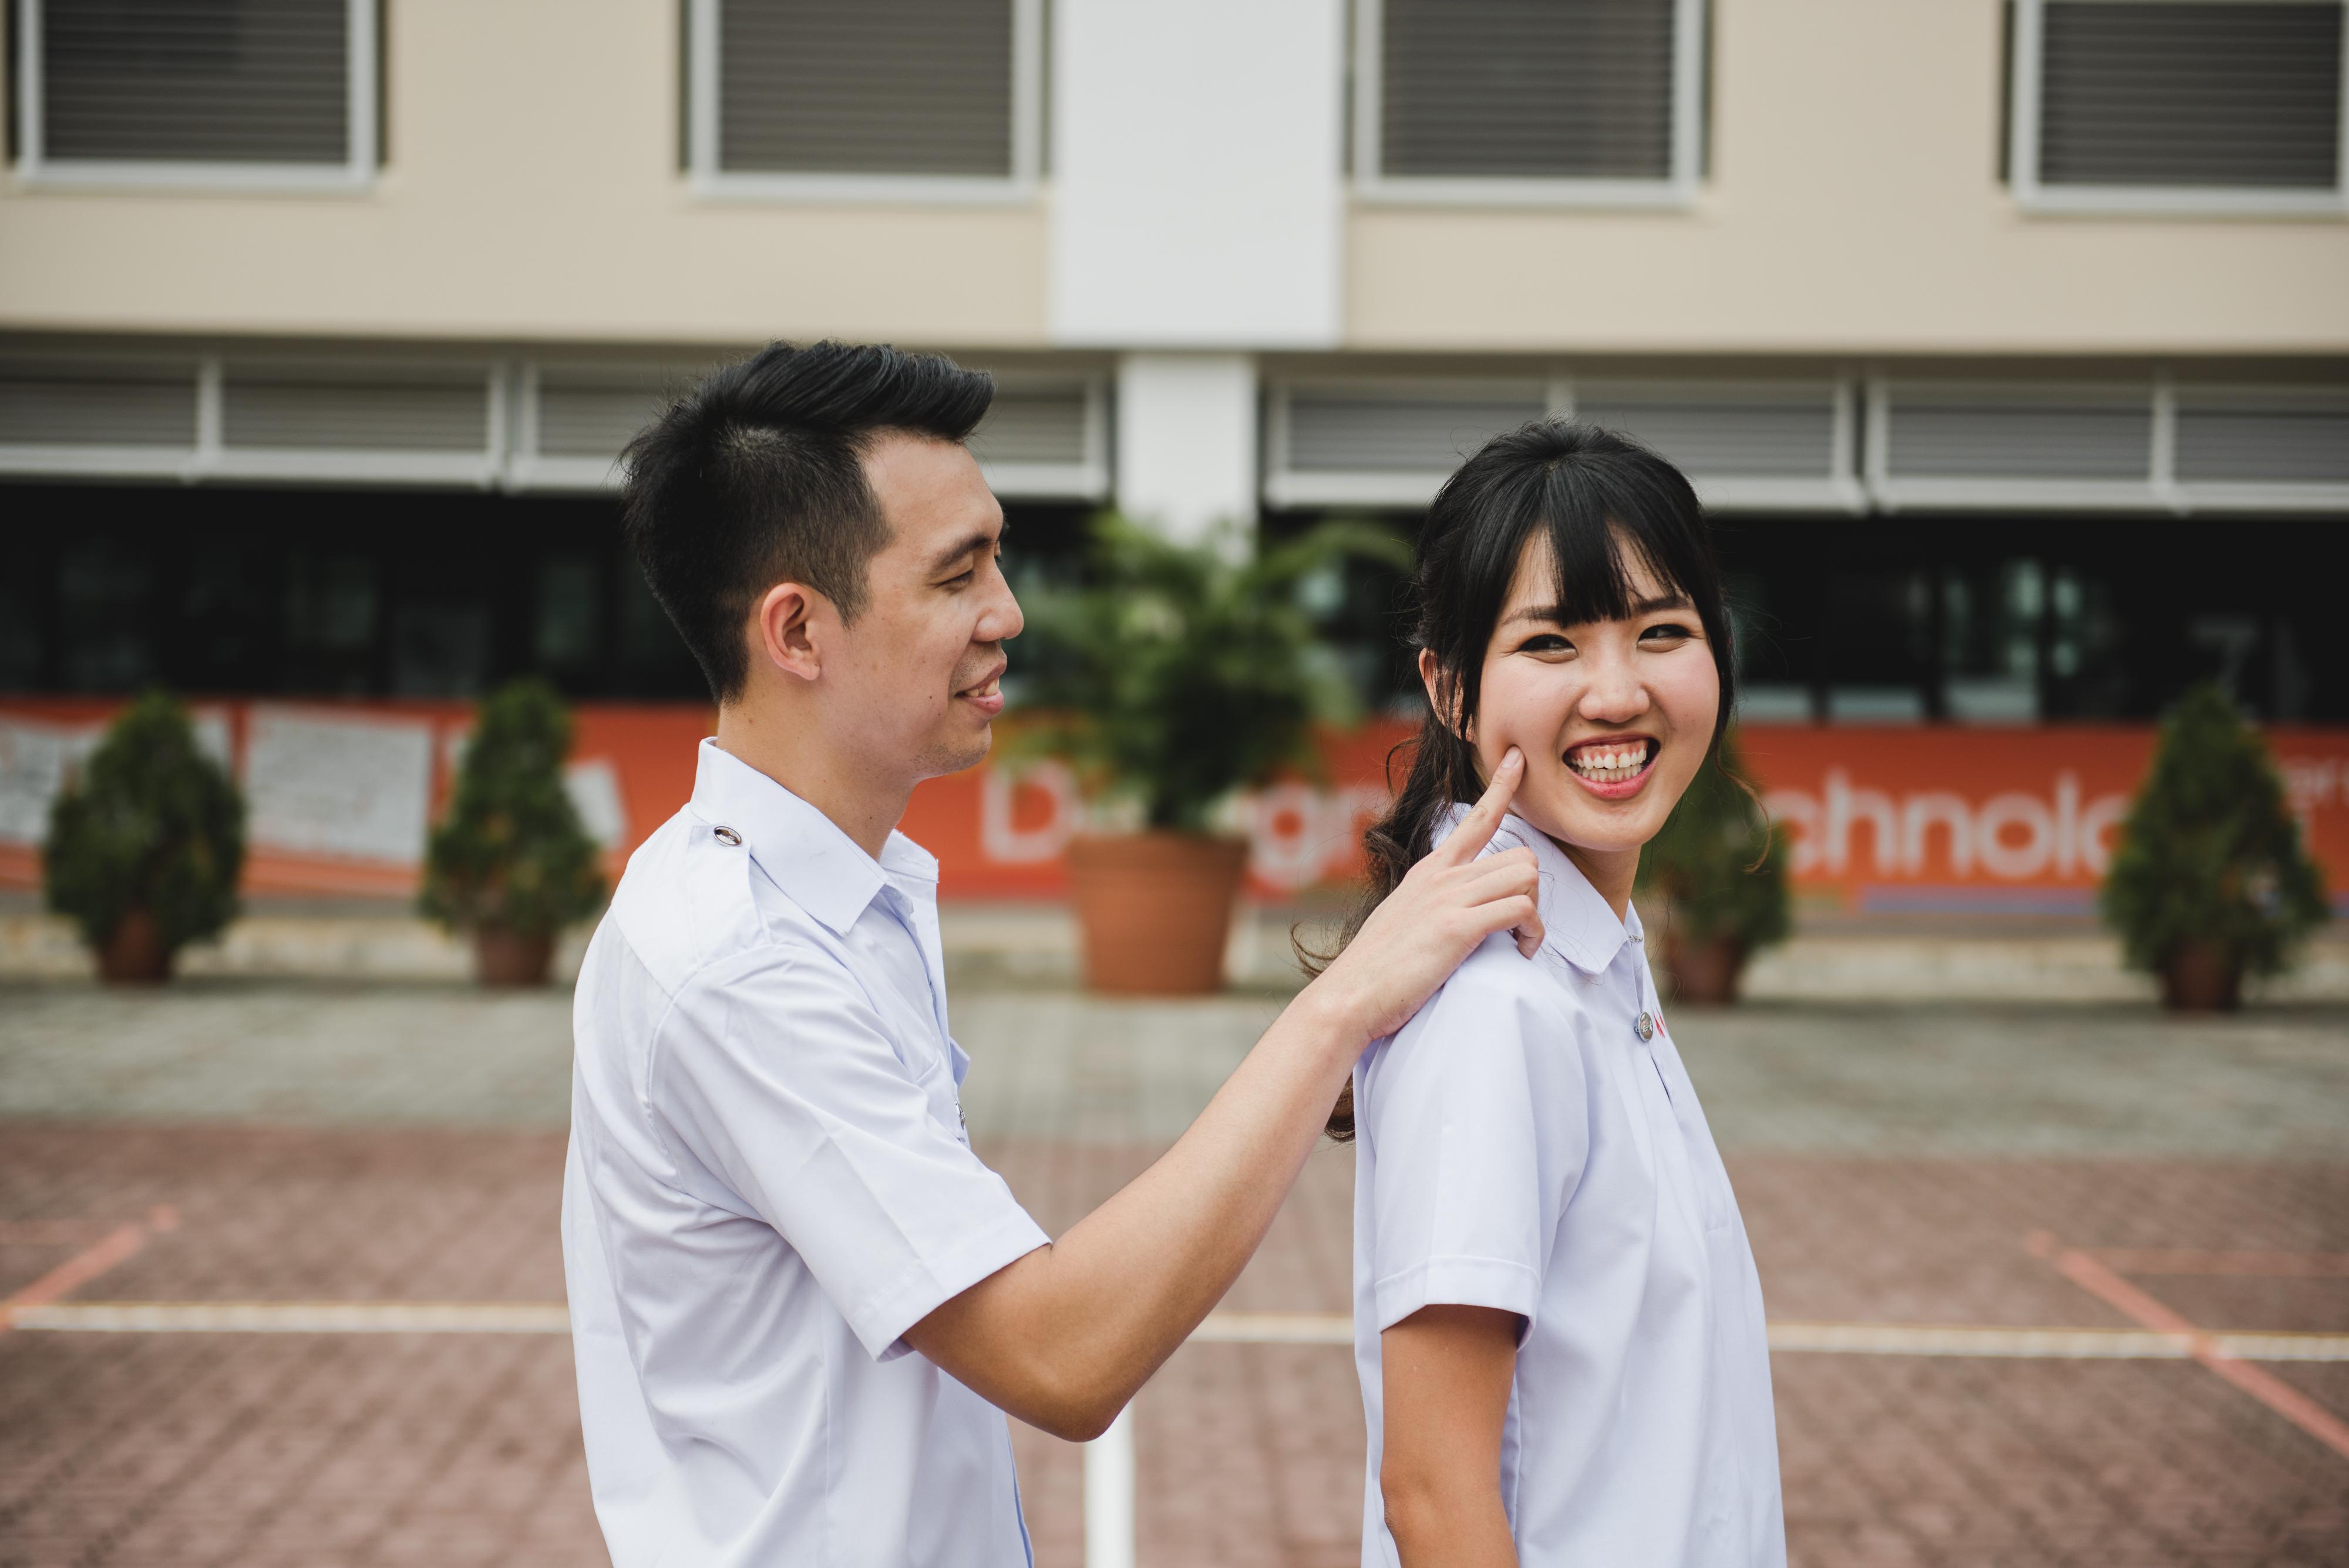 Zhi Sheng & Alina - PW-86